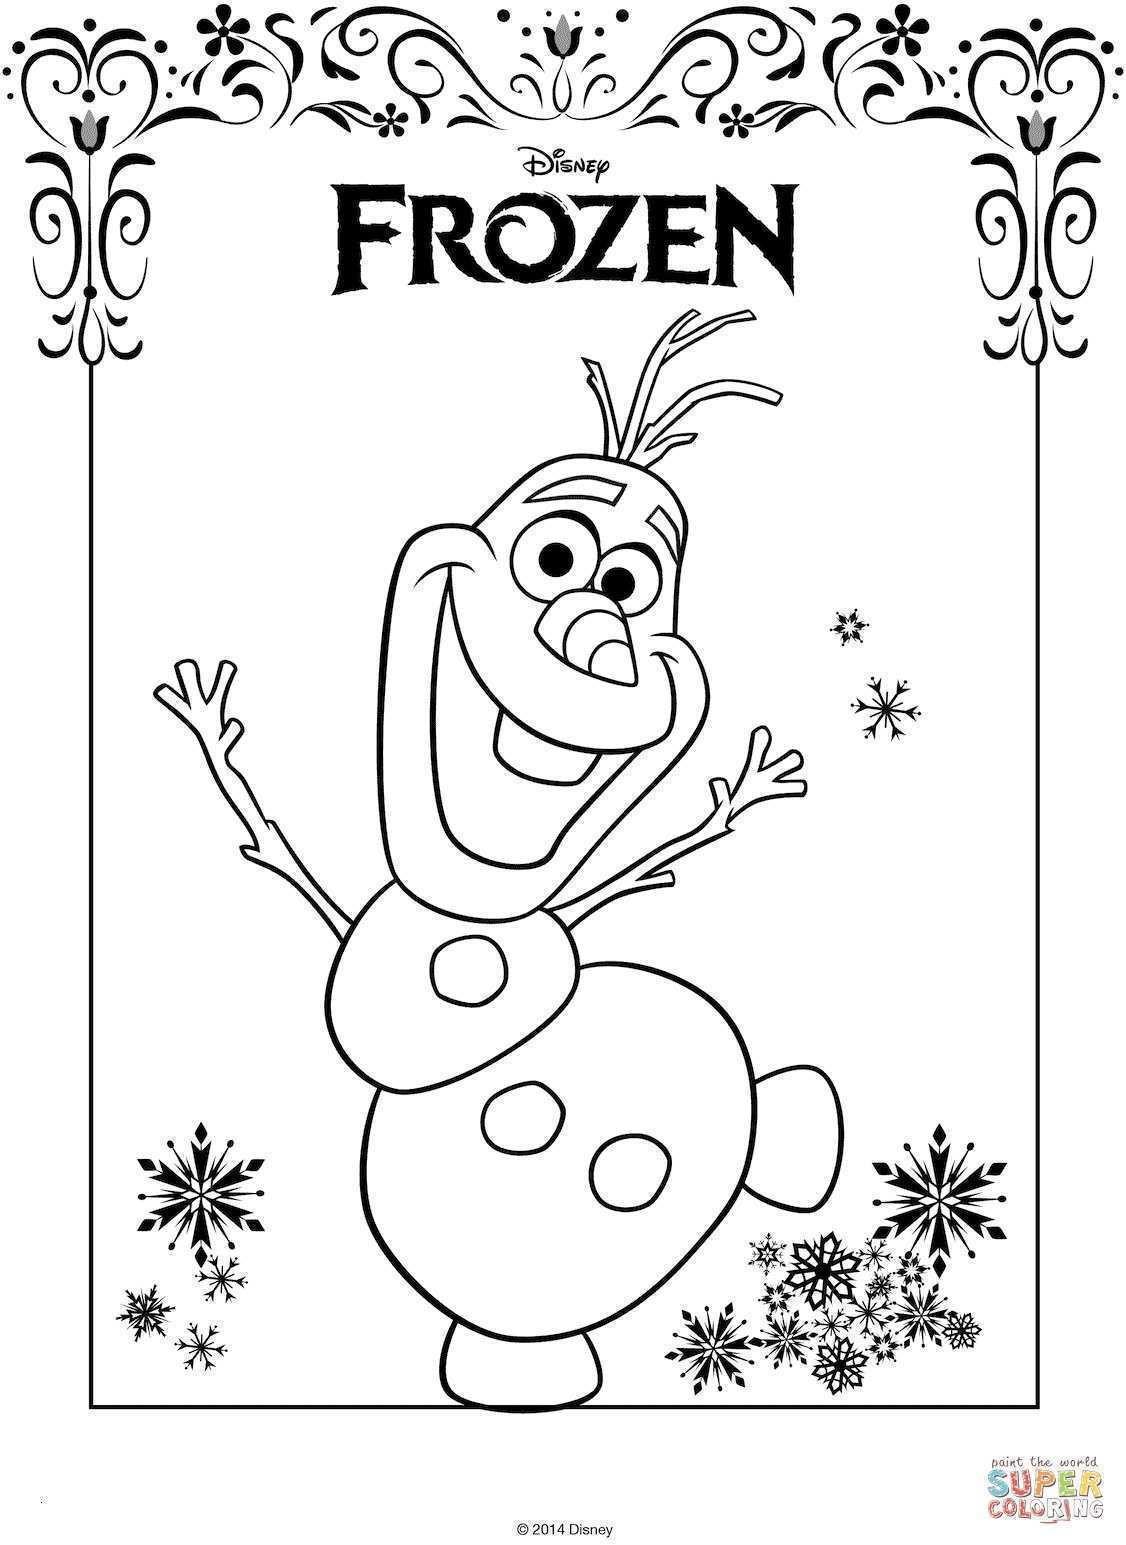 Olaf Frozen Ausmalbilder Inspirierend Coloriage Olaf Et Elsa Luxe 32 Olaf Frozen Ausmalbilder Fotos